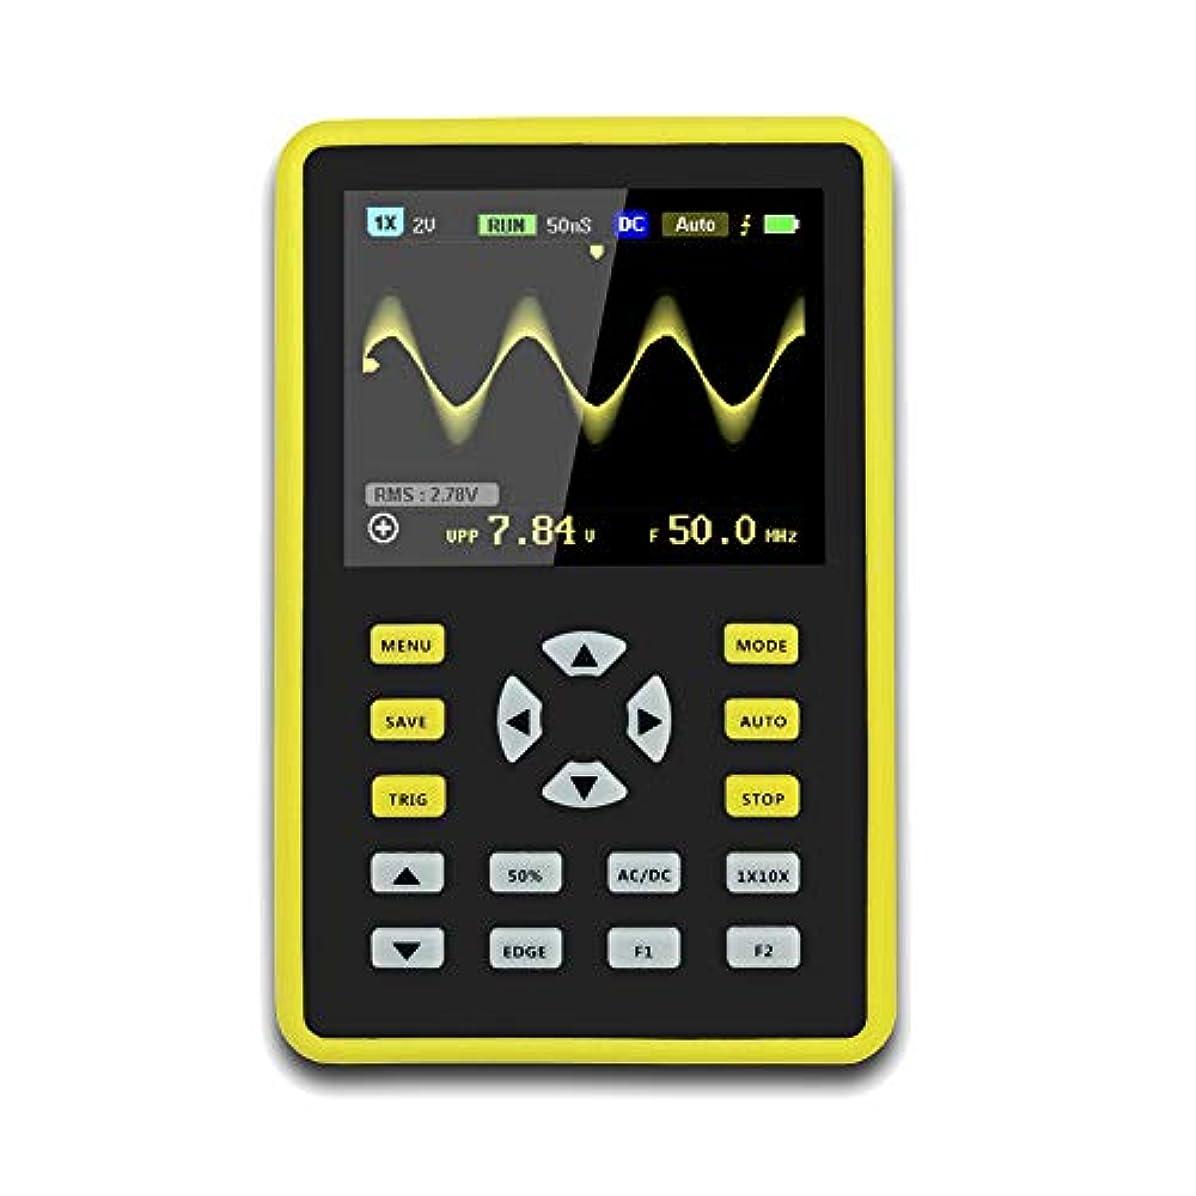 発明受粉する潤滑するJanusSaja  手持ち型デジタル小型オシロスコープ2.4インチ500 MS/s IPS LCD表示スクリーンの携帯用